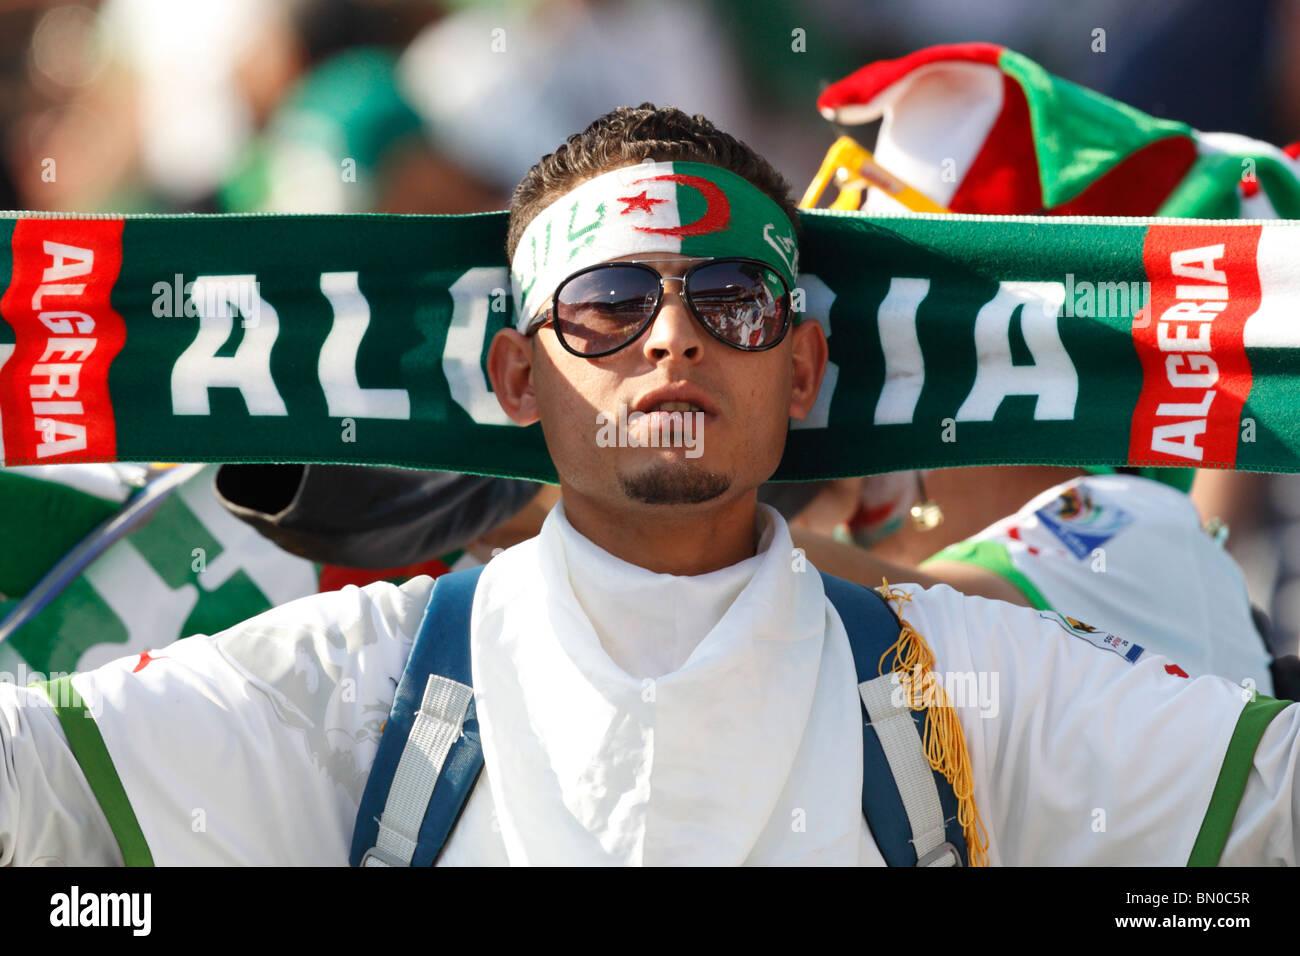 Un partisan de l'Algérie vu à une Coupe du Monde FIFA 2010 match de football entre l'Algérie Photo Stock